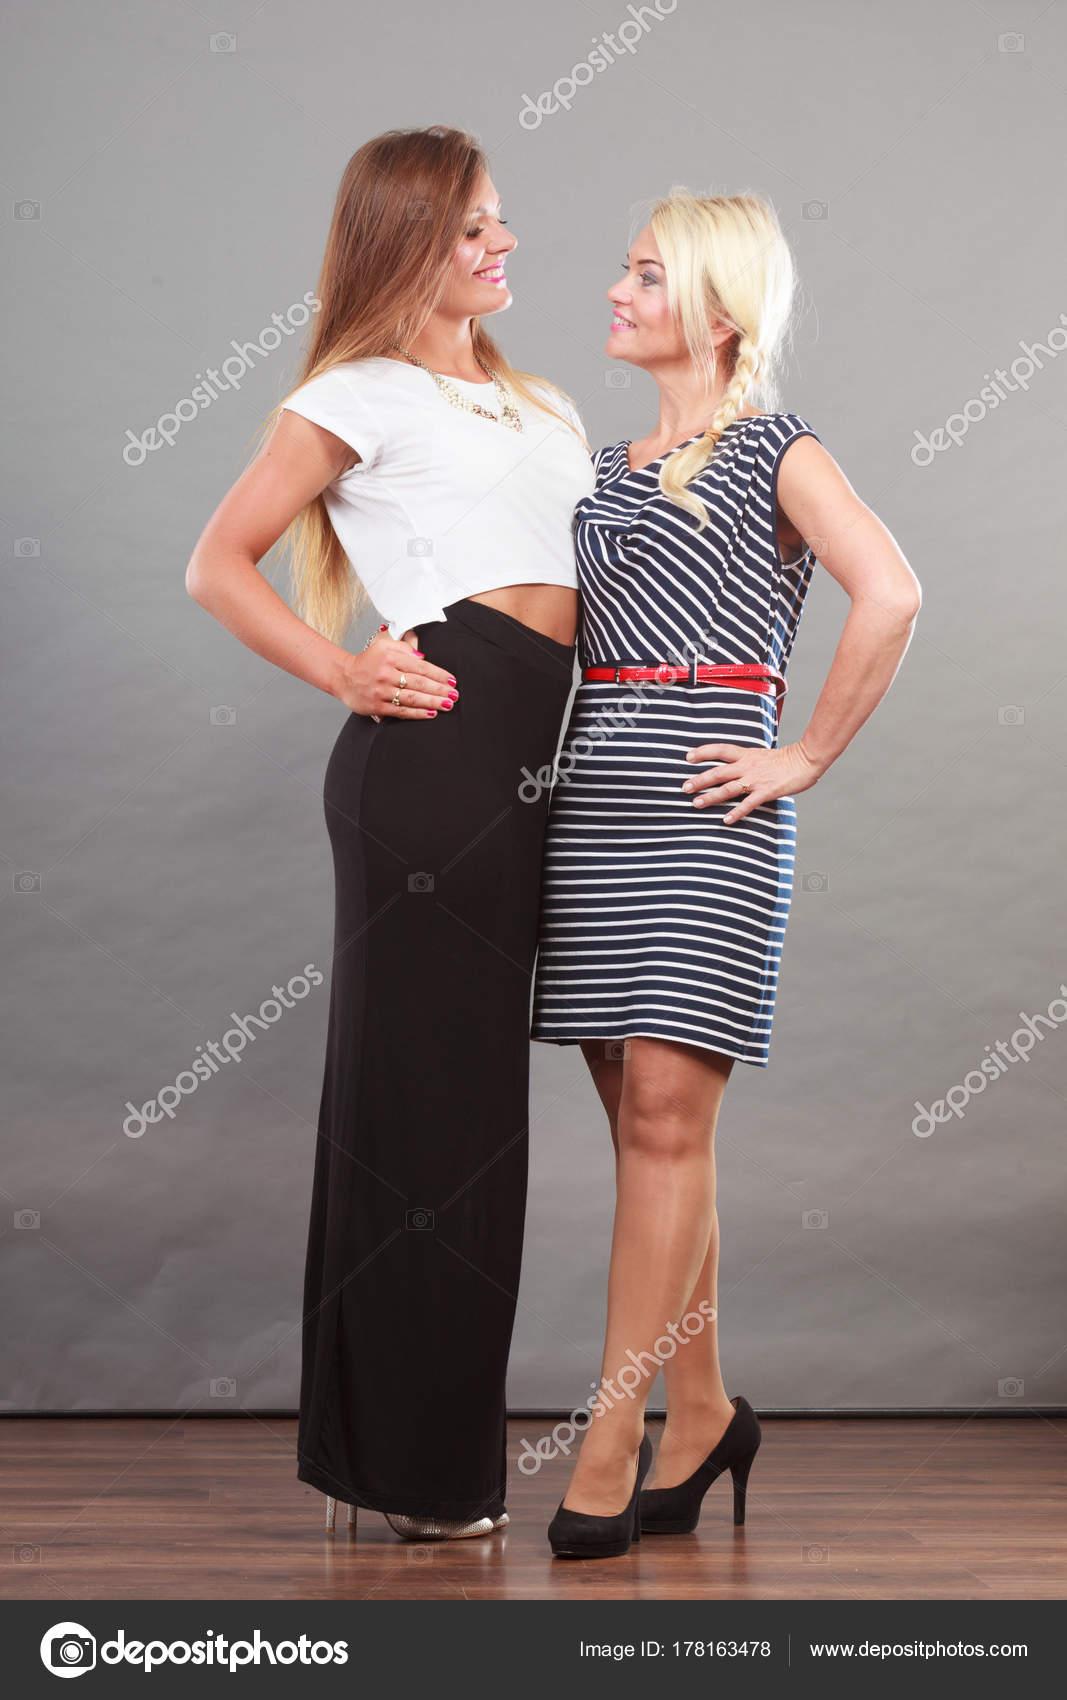 003f733e5 Két nő visel divatos ruhák — Stock Fotó © Voyagerix #178163478